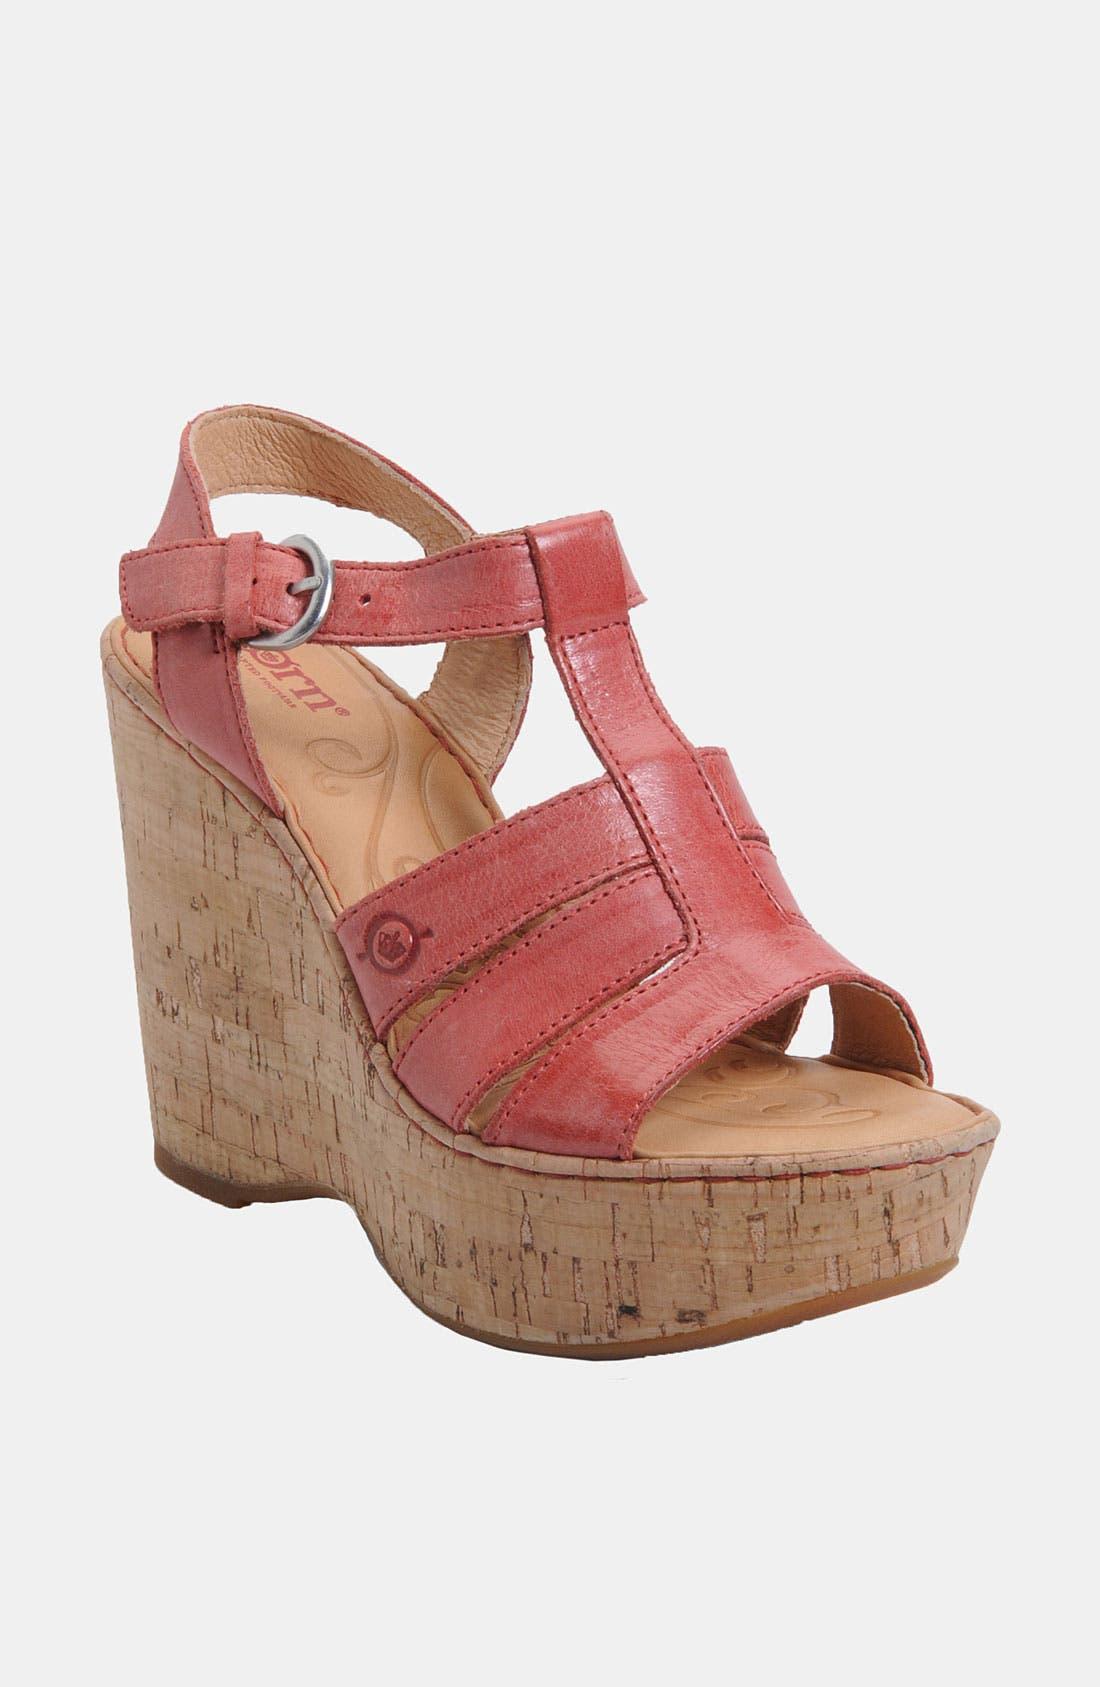 Alternate Image 1 Selected - Børn 'Nicolina' Sandal